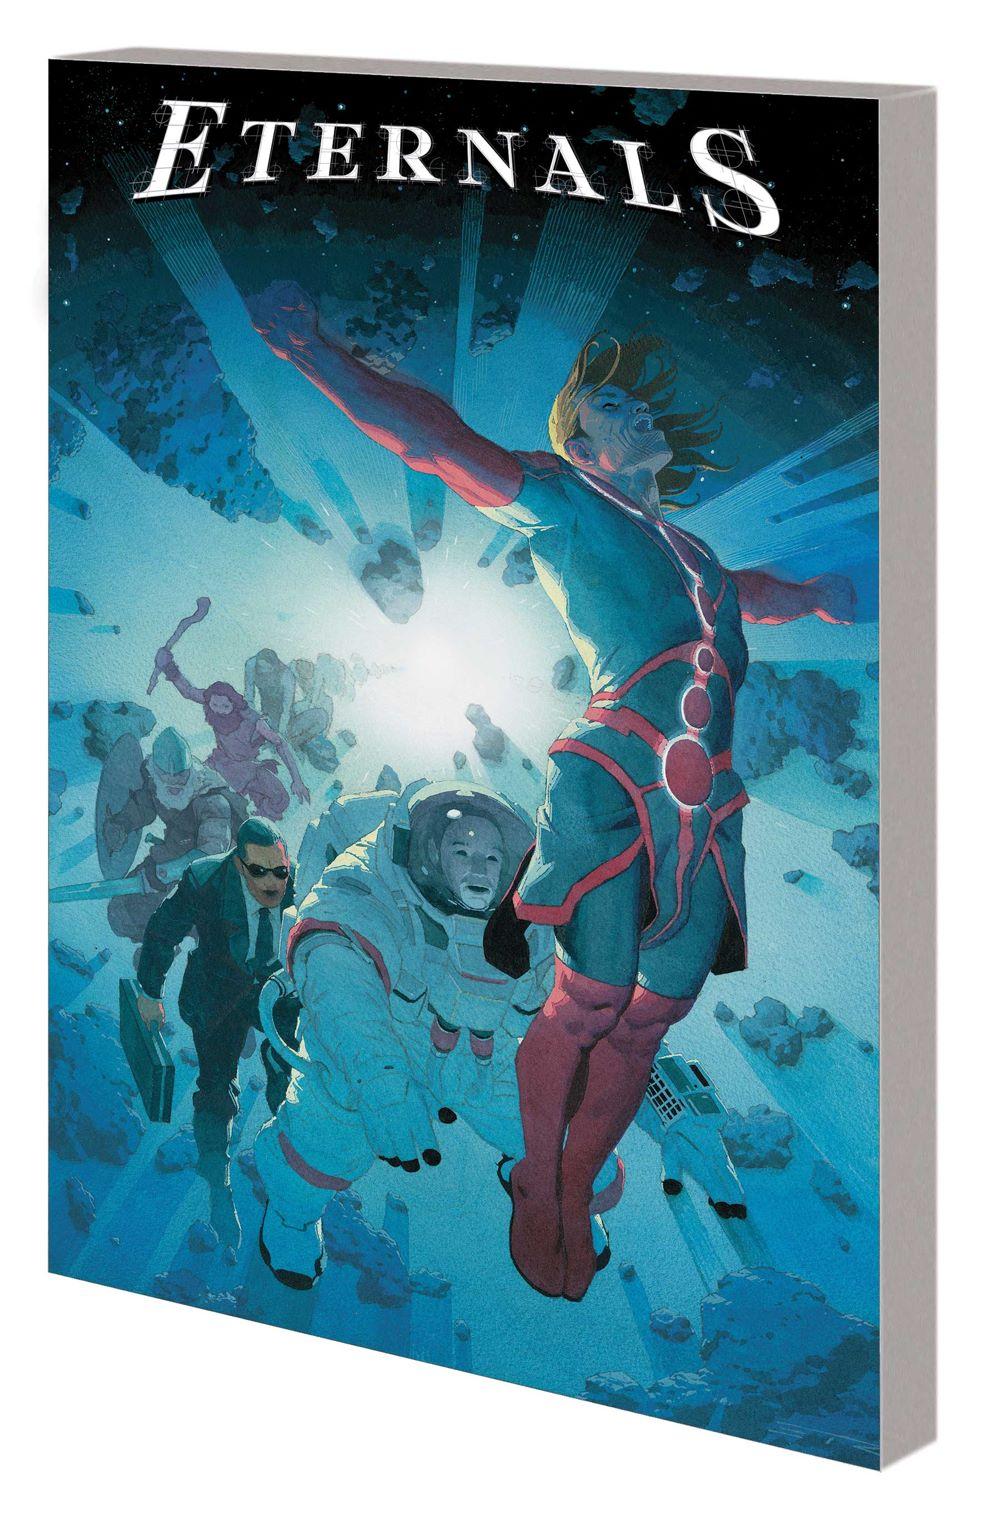 ETERNALS_VOL_1_TPB Marvel Comics August 2021 Solicitations